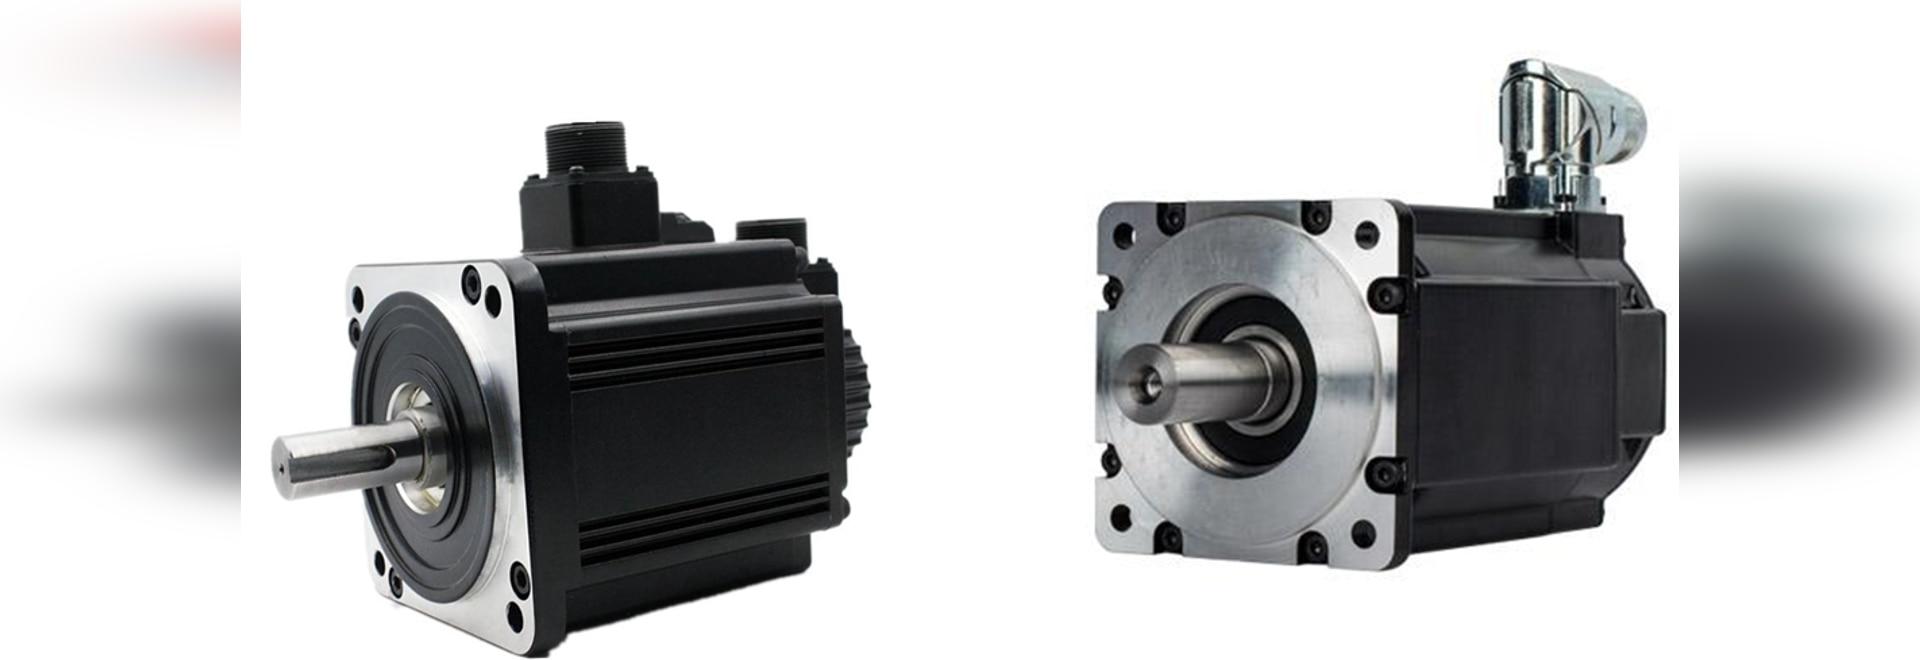 Système de servo-moteur et de vérin à vis